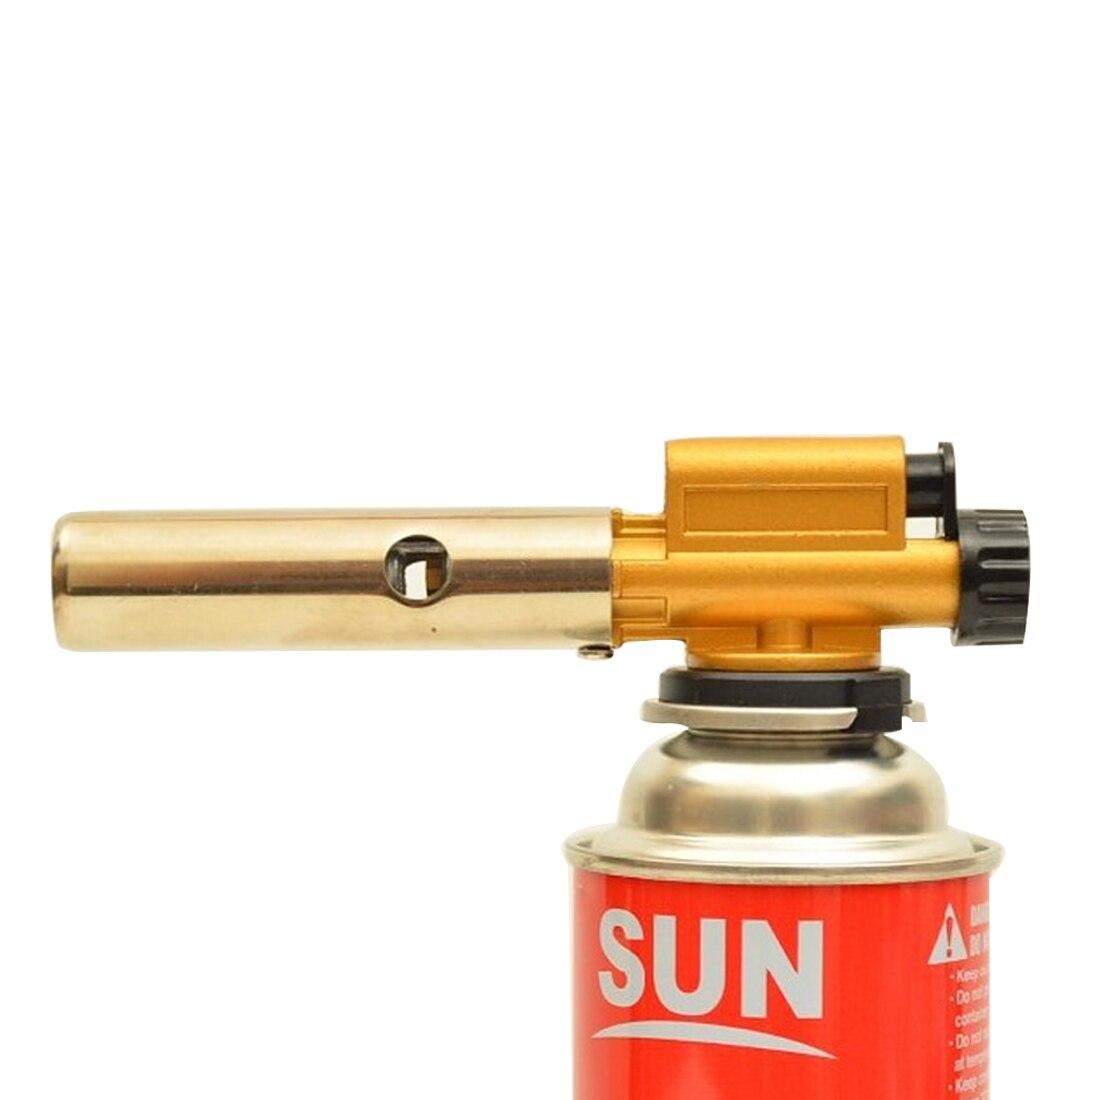 Gas butano quemador encendido cobre lanzallamas herramienta más ligero para Camping al aire libre Picnic cocina equipo de soldadura